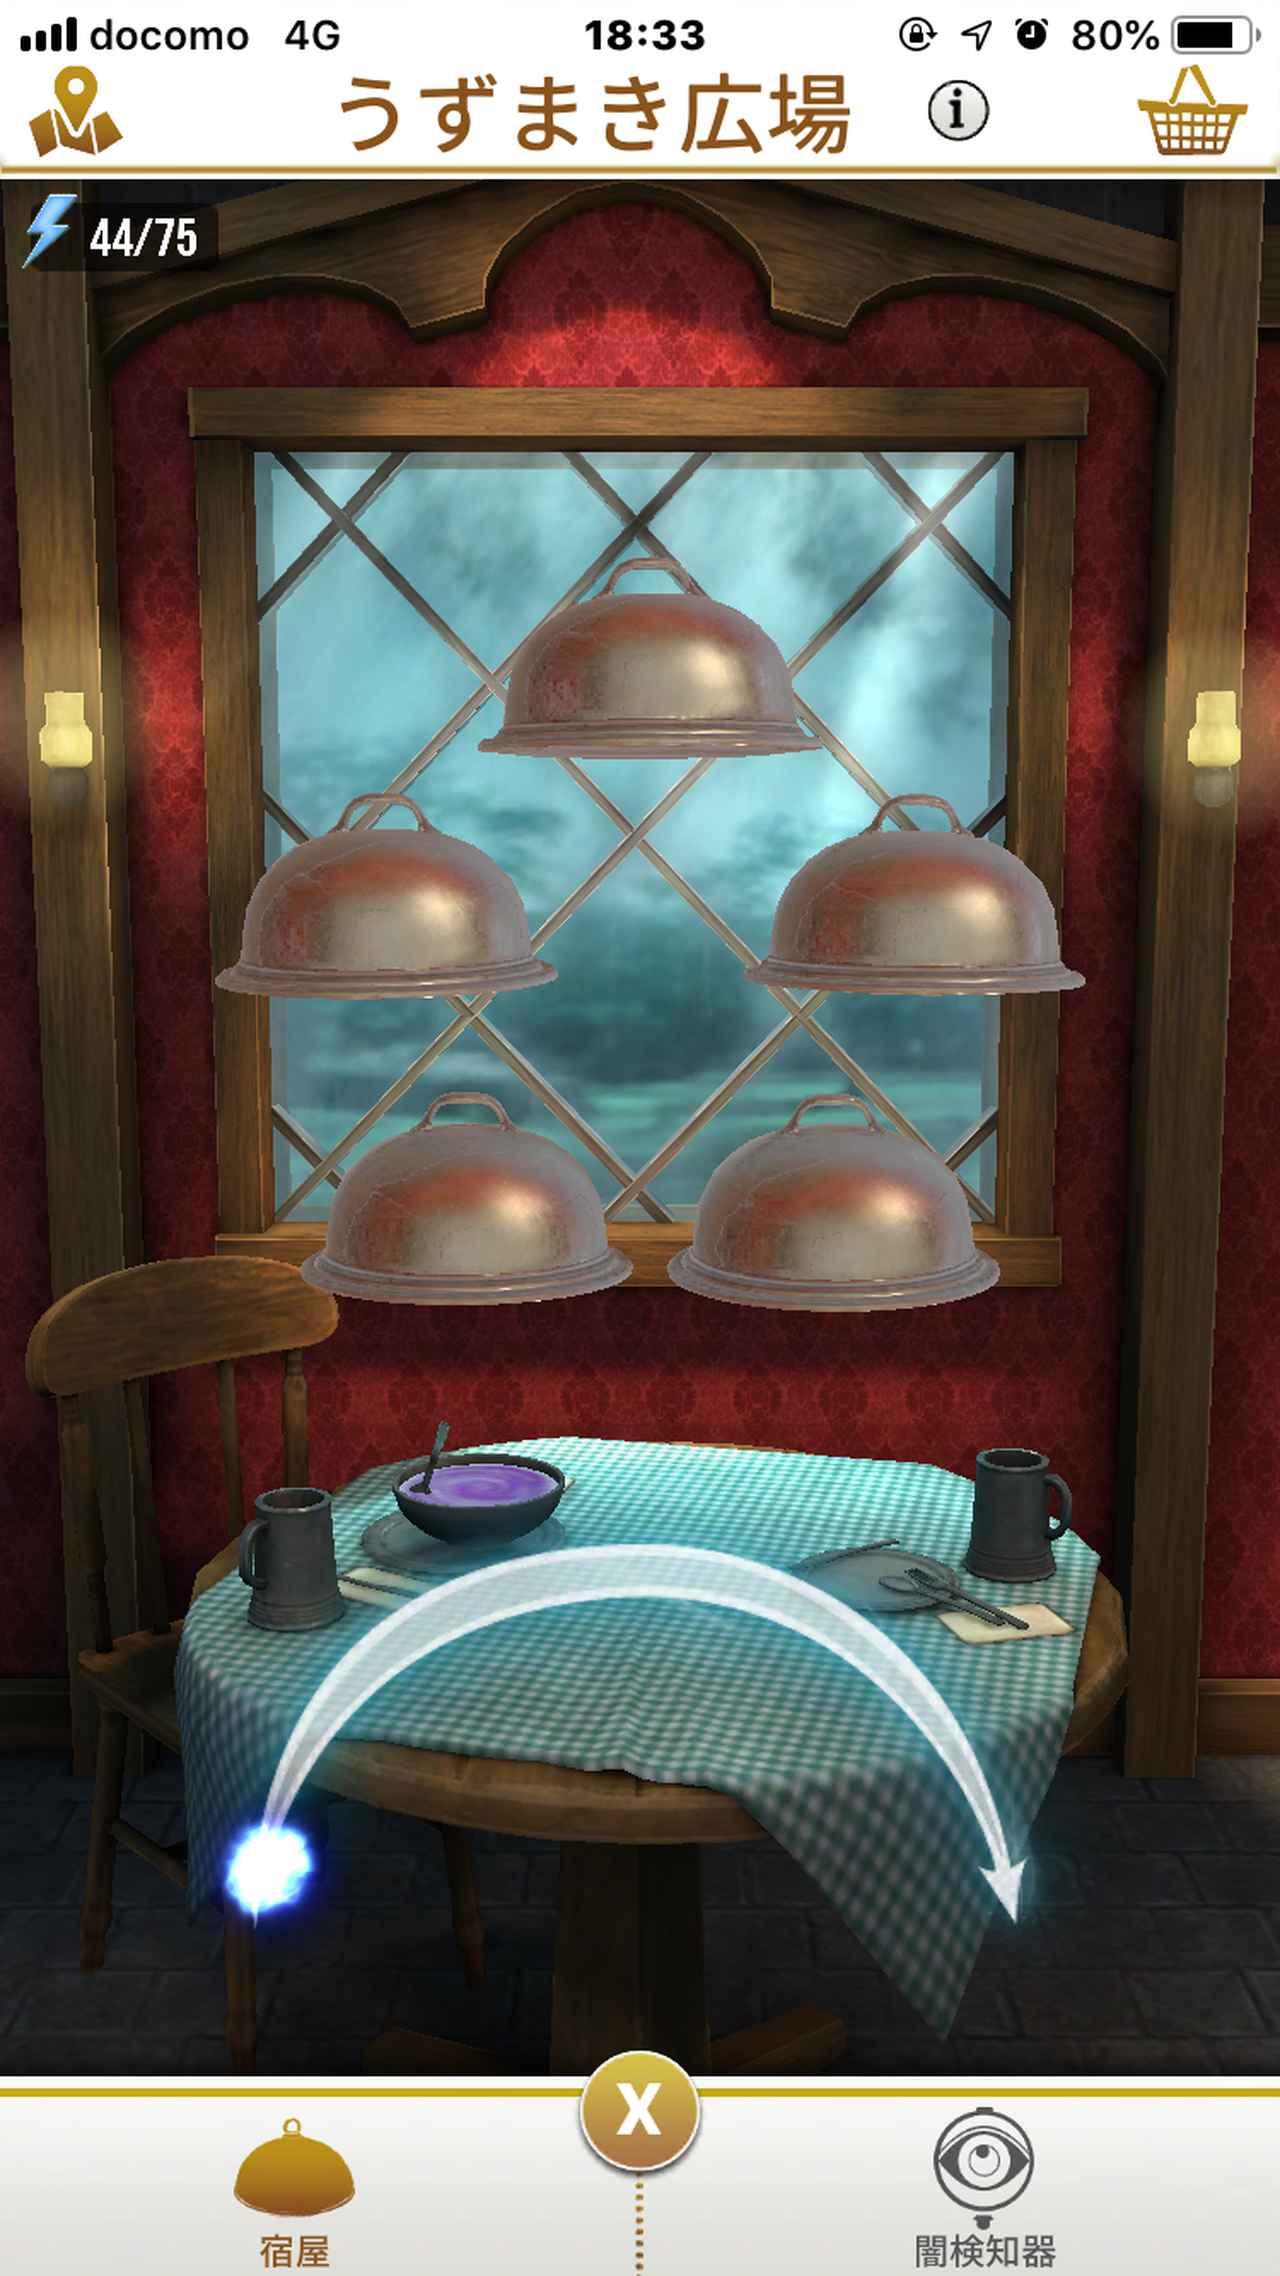 画像: 建物に入ると、アイテムと軌跡が表示される。この軌跡をなぞるとアイテムが入手できる。食べ物ならば魔法の力が蓄積される。